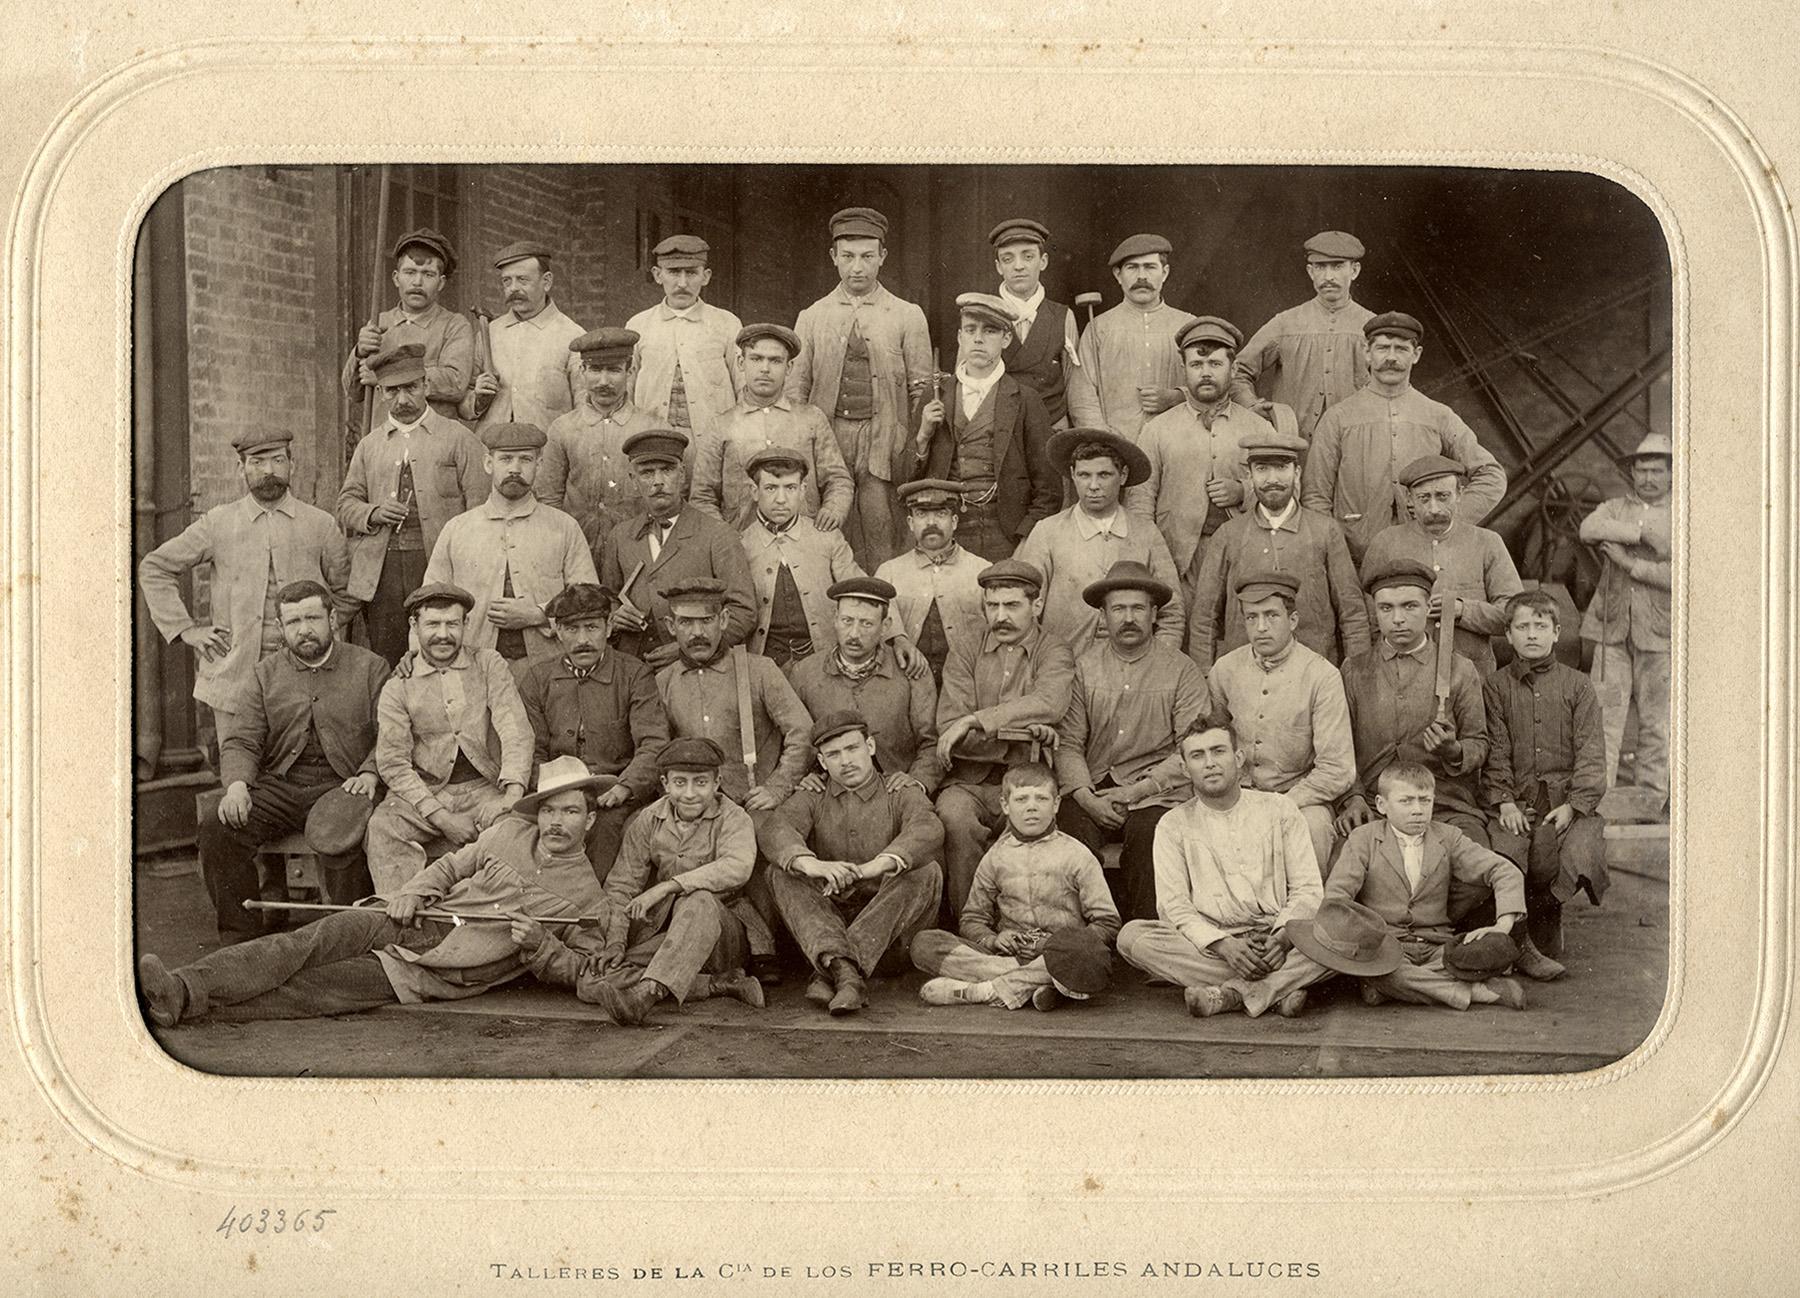 Retrato de un grupo de obreros y tres aprendices de Ferrocarriles Andaluces. Pertenece al reportaje realizado por el fotógrafo parisino J. David en los talleres malagueños de la compañía en 1903.